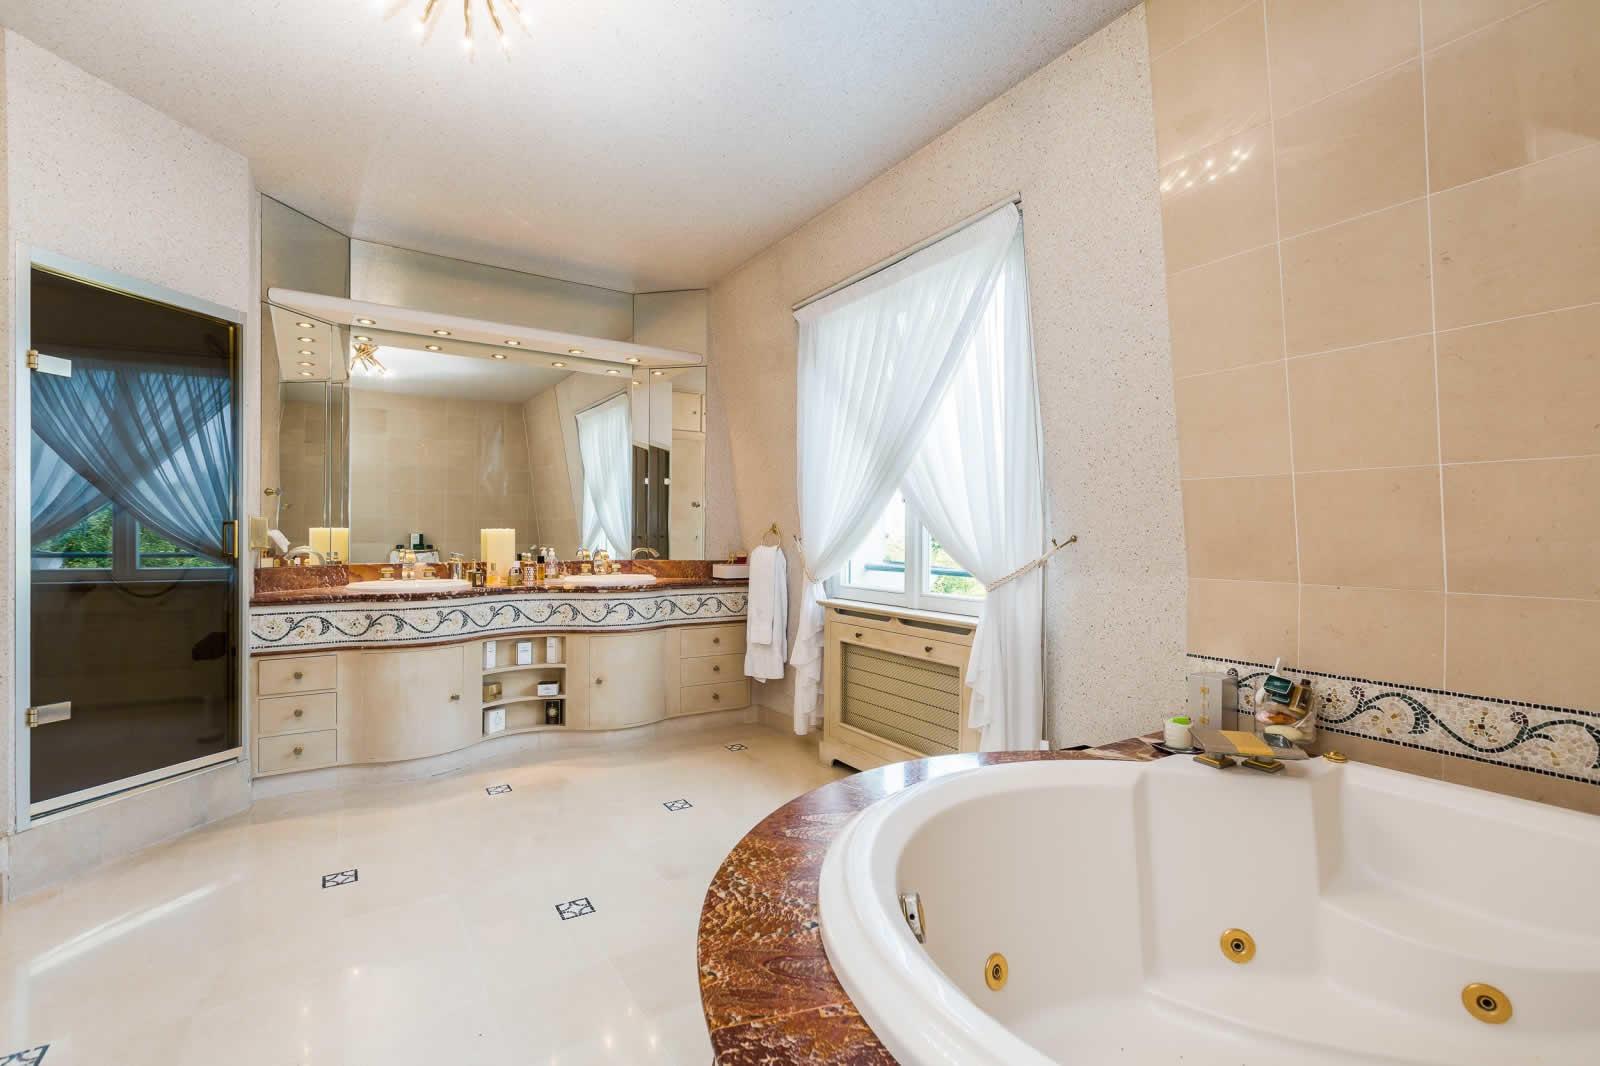 bel-hotel-particulier-a-vendre-triangle-dor-varenne-saint-hilaire-jardin-paysager-hauteurs-sous-plafond-terrasse-plein-sud-sauna